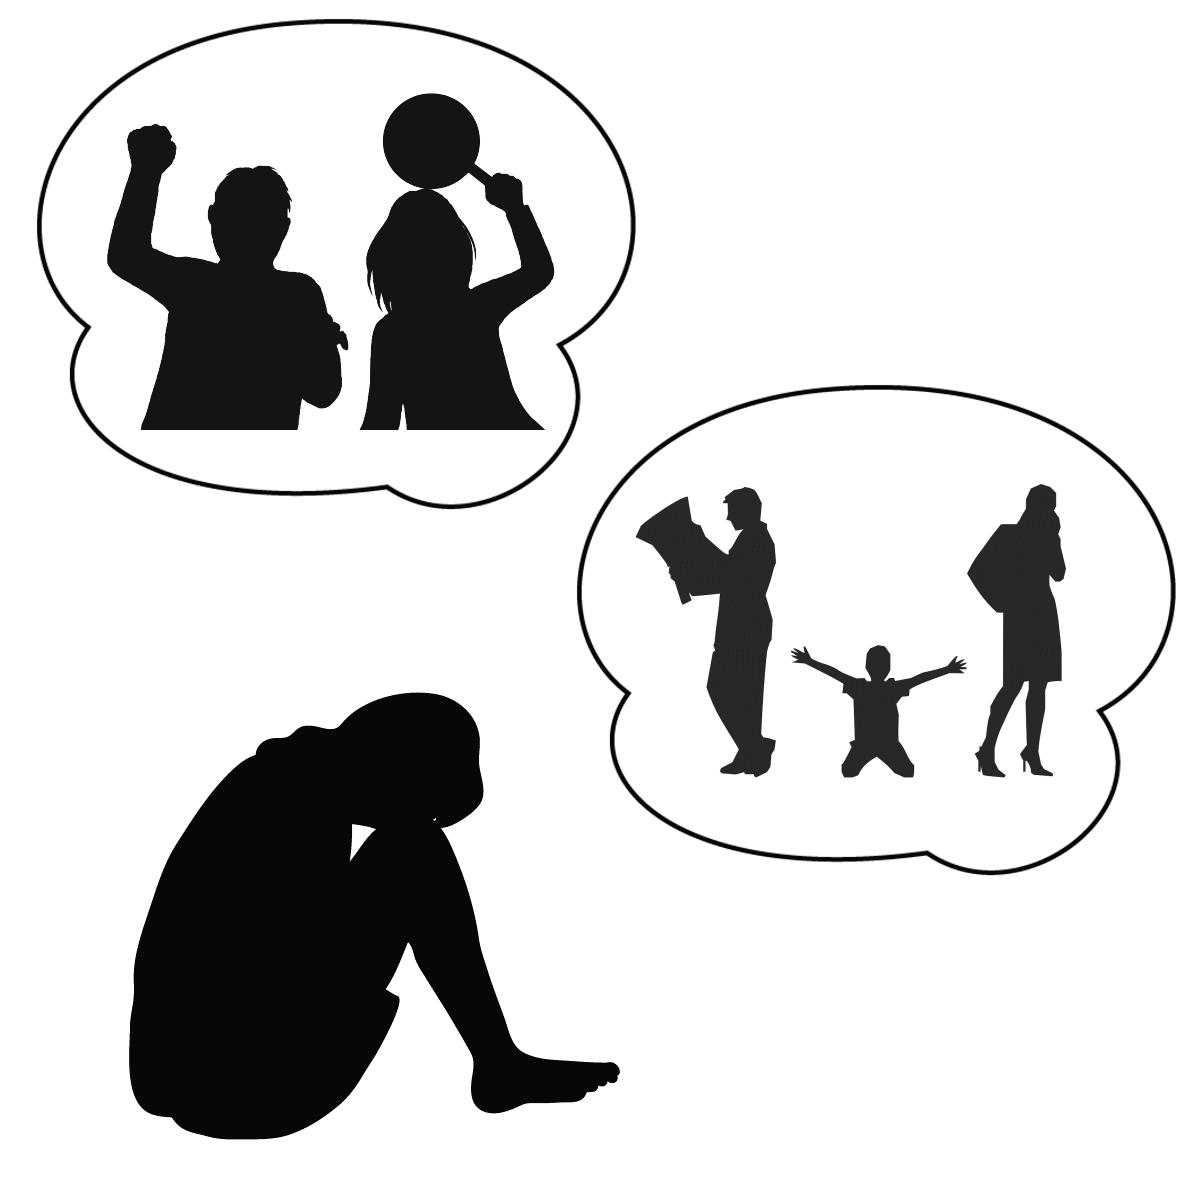 アダルトチルドレンが生まれる理由を表しているイラスト